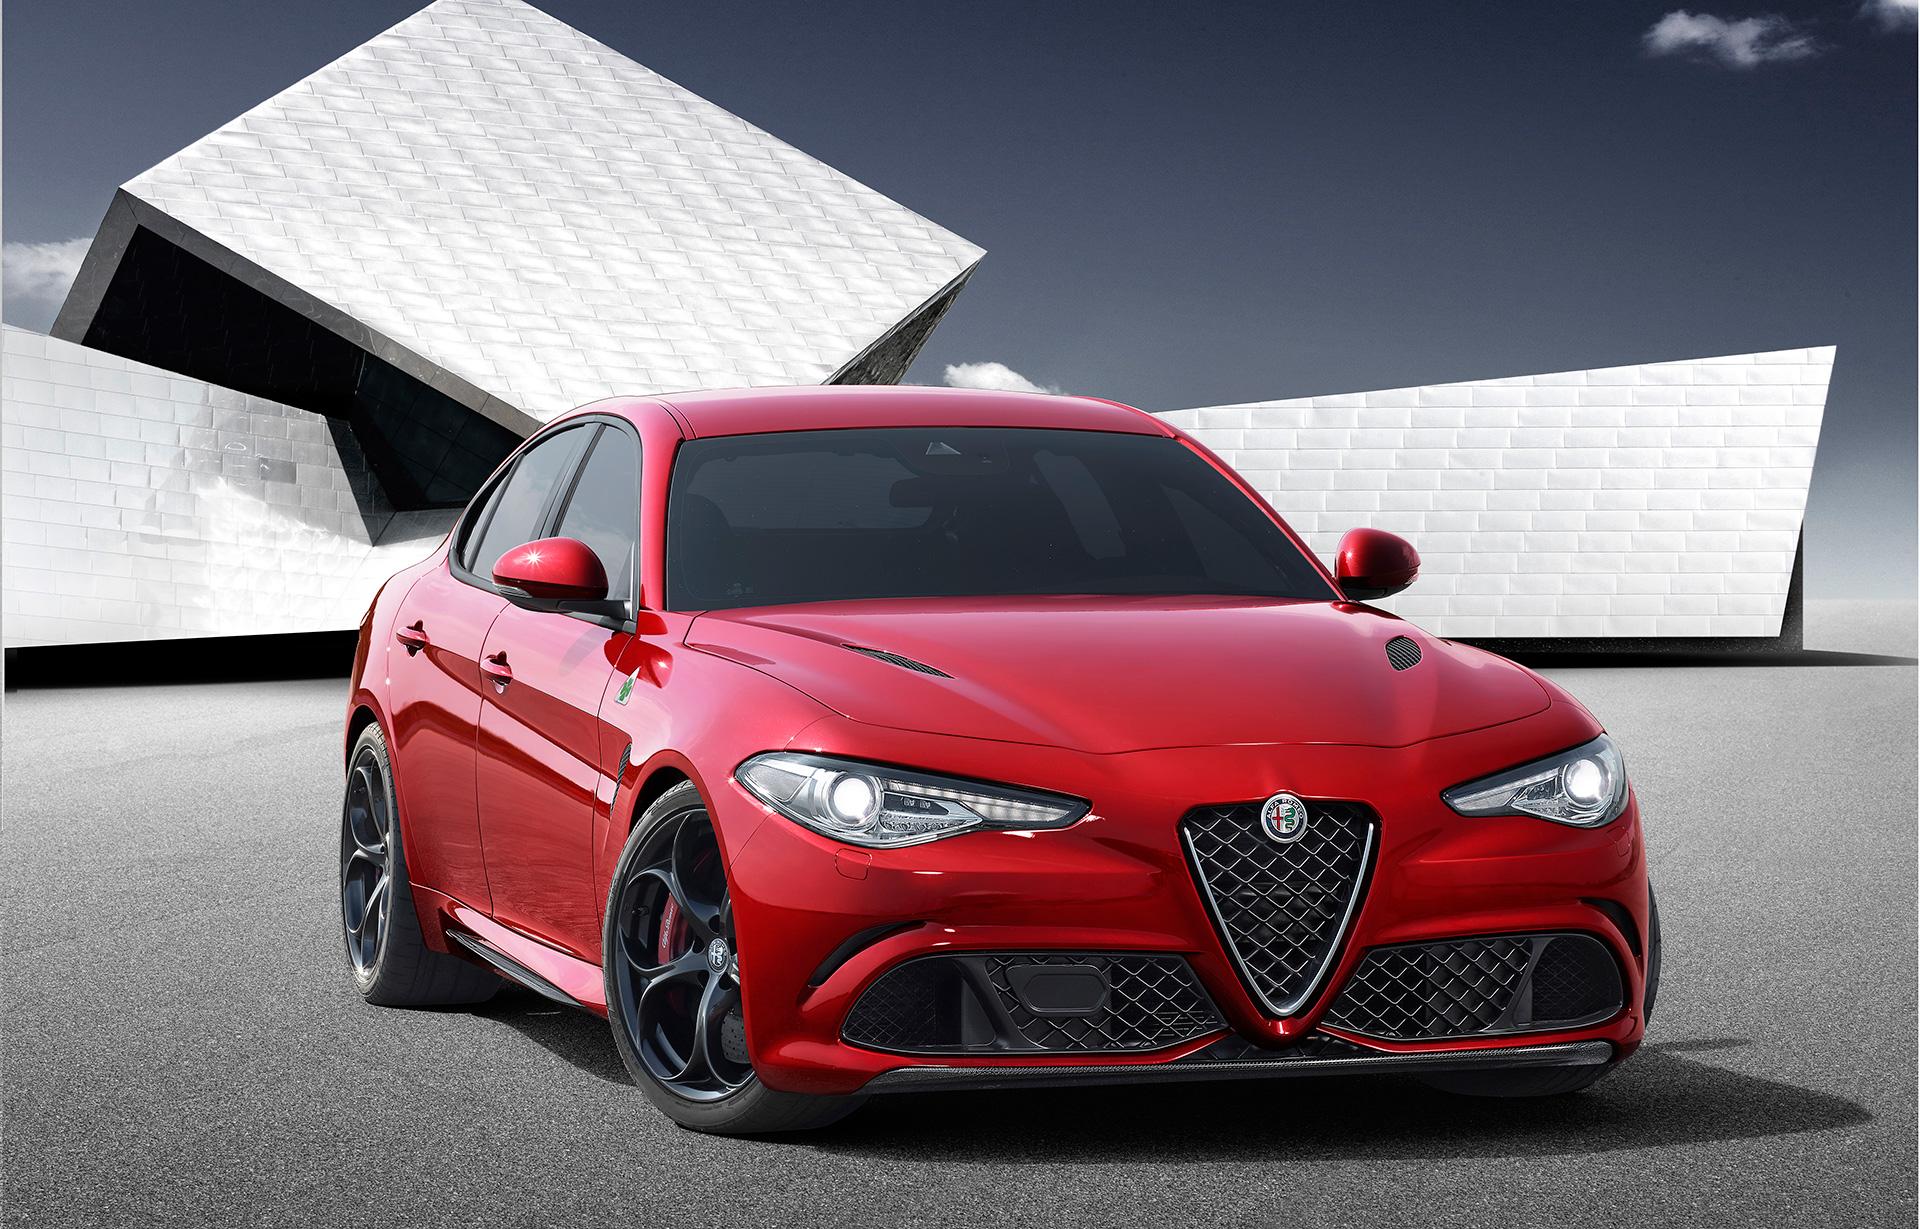 Alfa Romeo Giulia - 2015 - avant / front